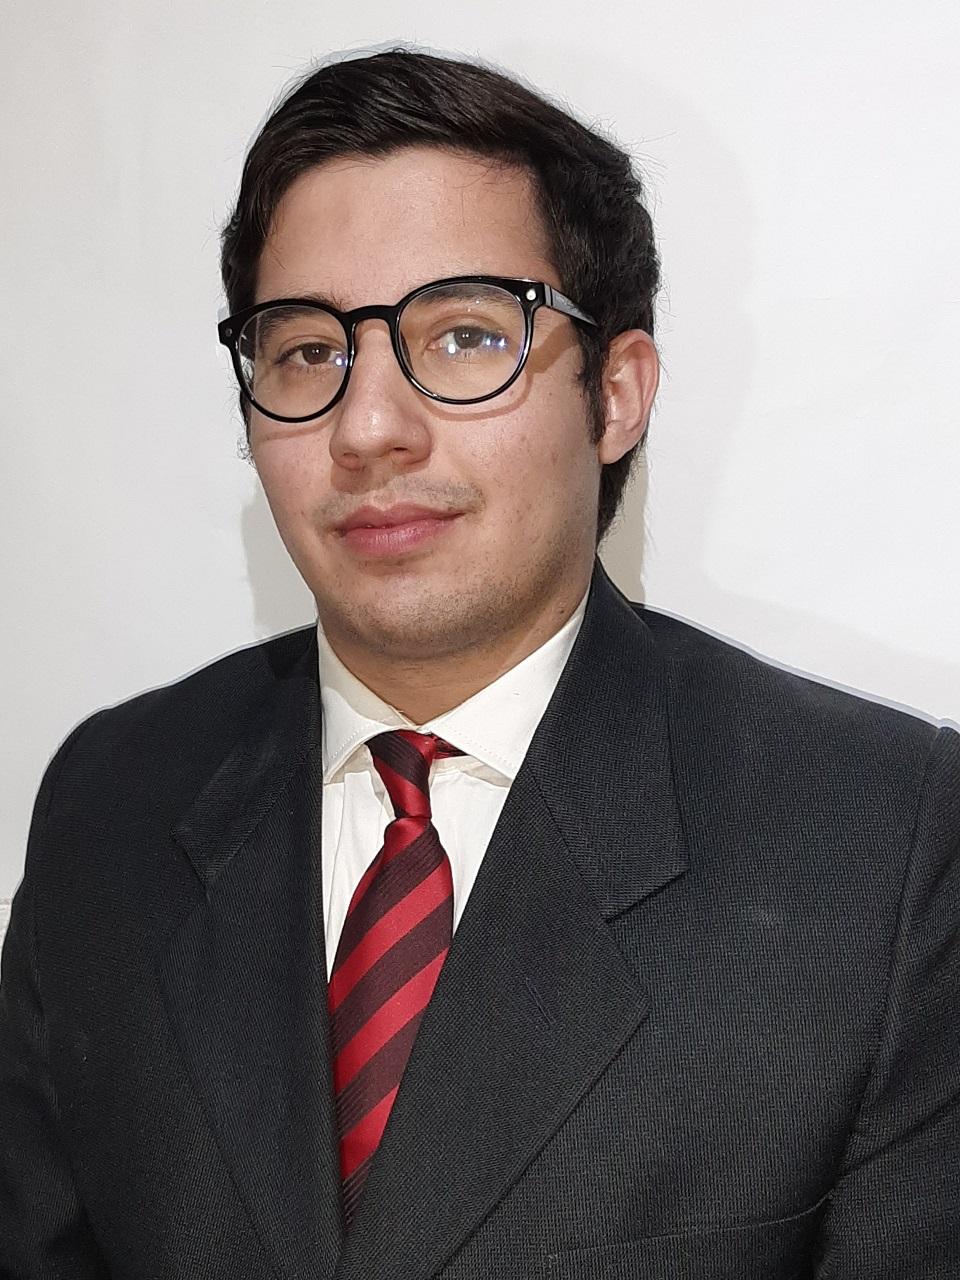 Juan Andres Gascon Maldonado